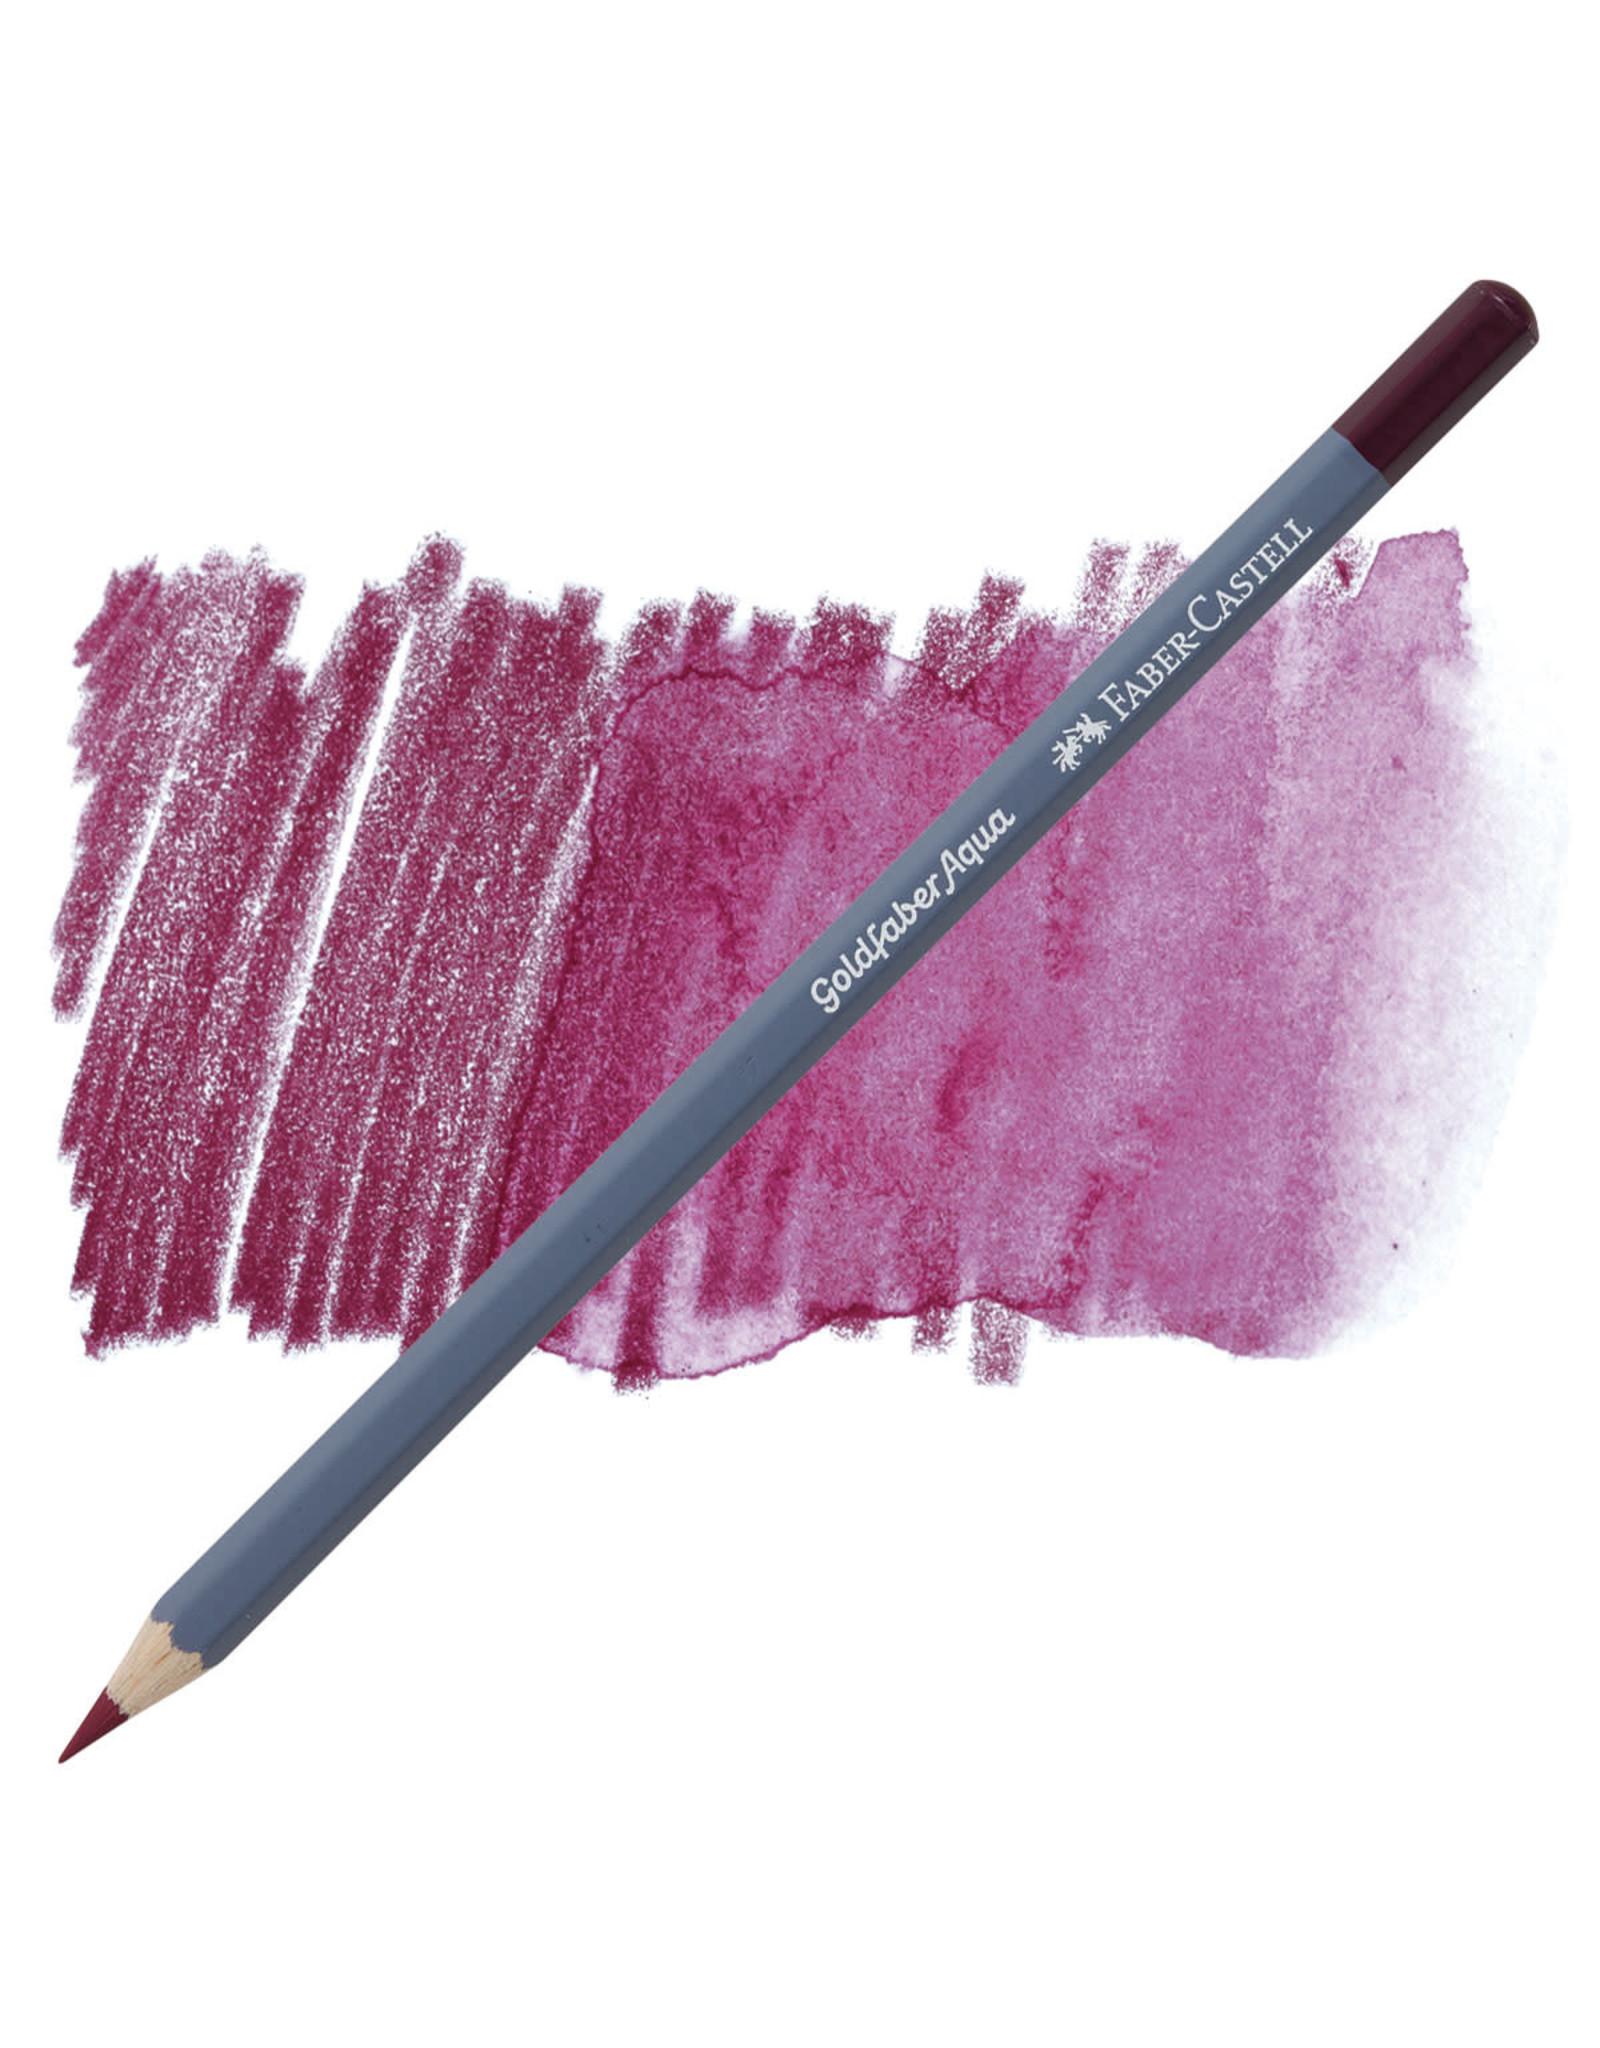 Faber-Castell Goldfaber Aqua Watercolor Pencil - Magenta #133